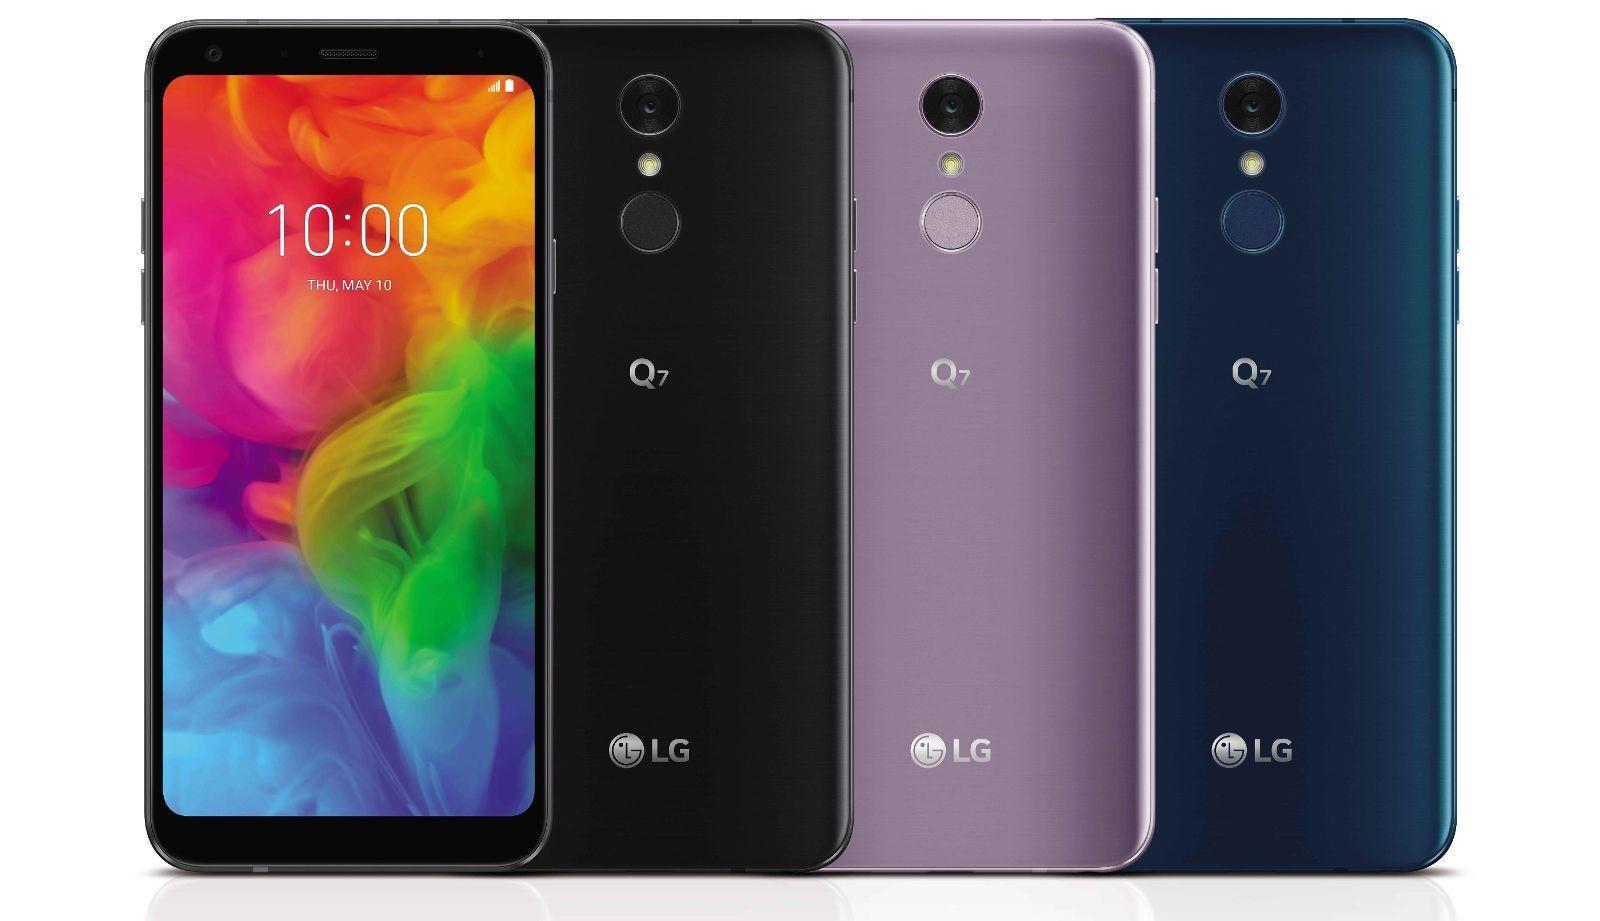 Достоинства и недостатки смартфонов LG Q7+ и Q7 – новинок 2018 года